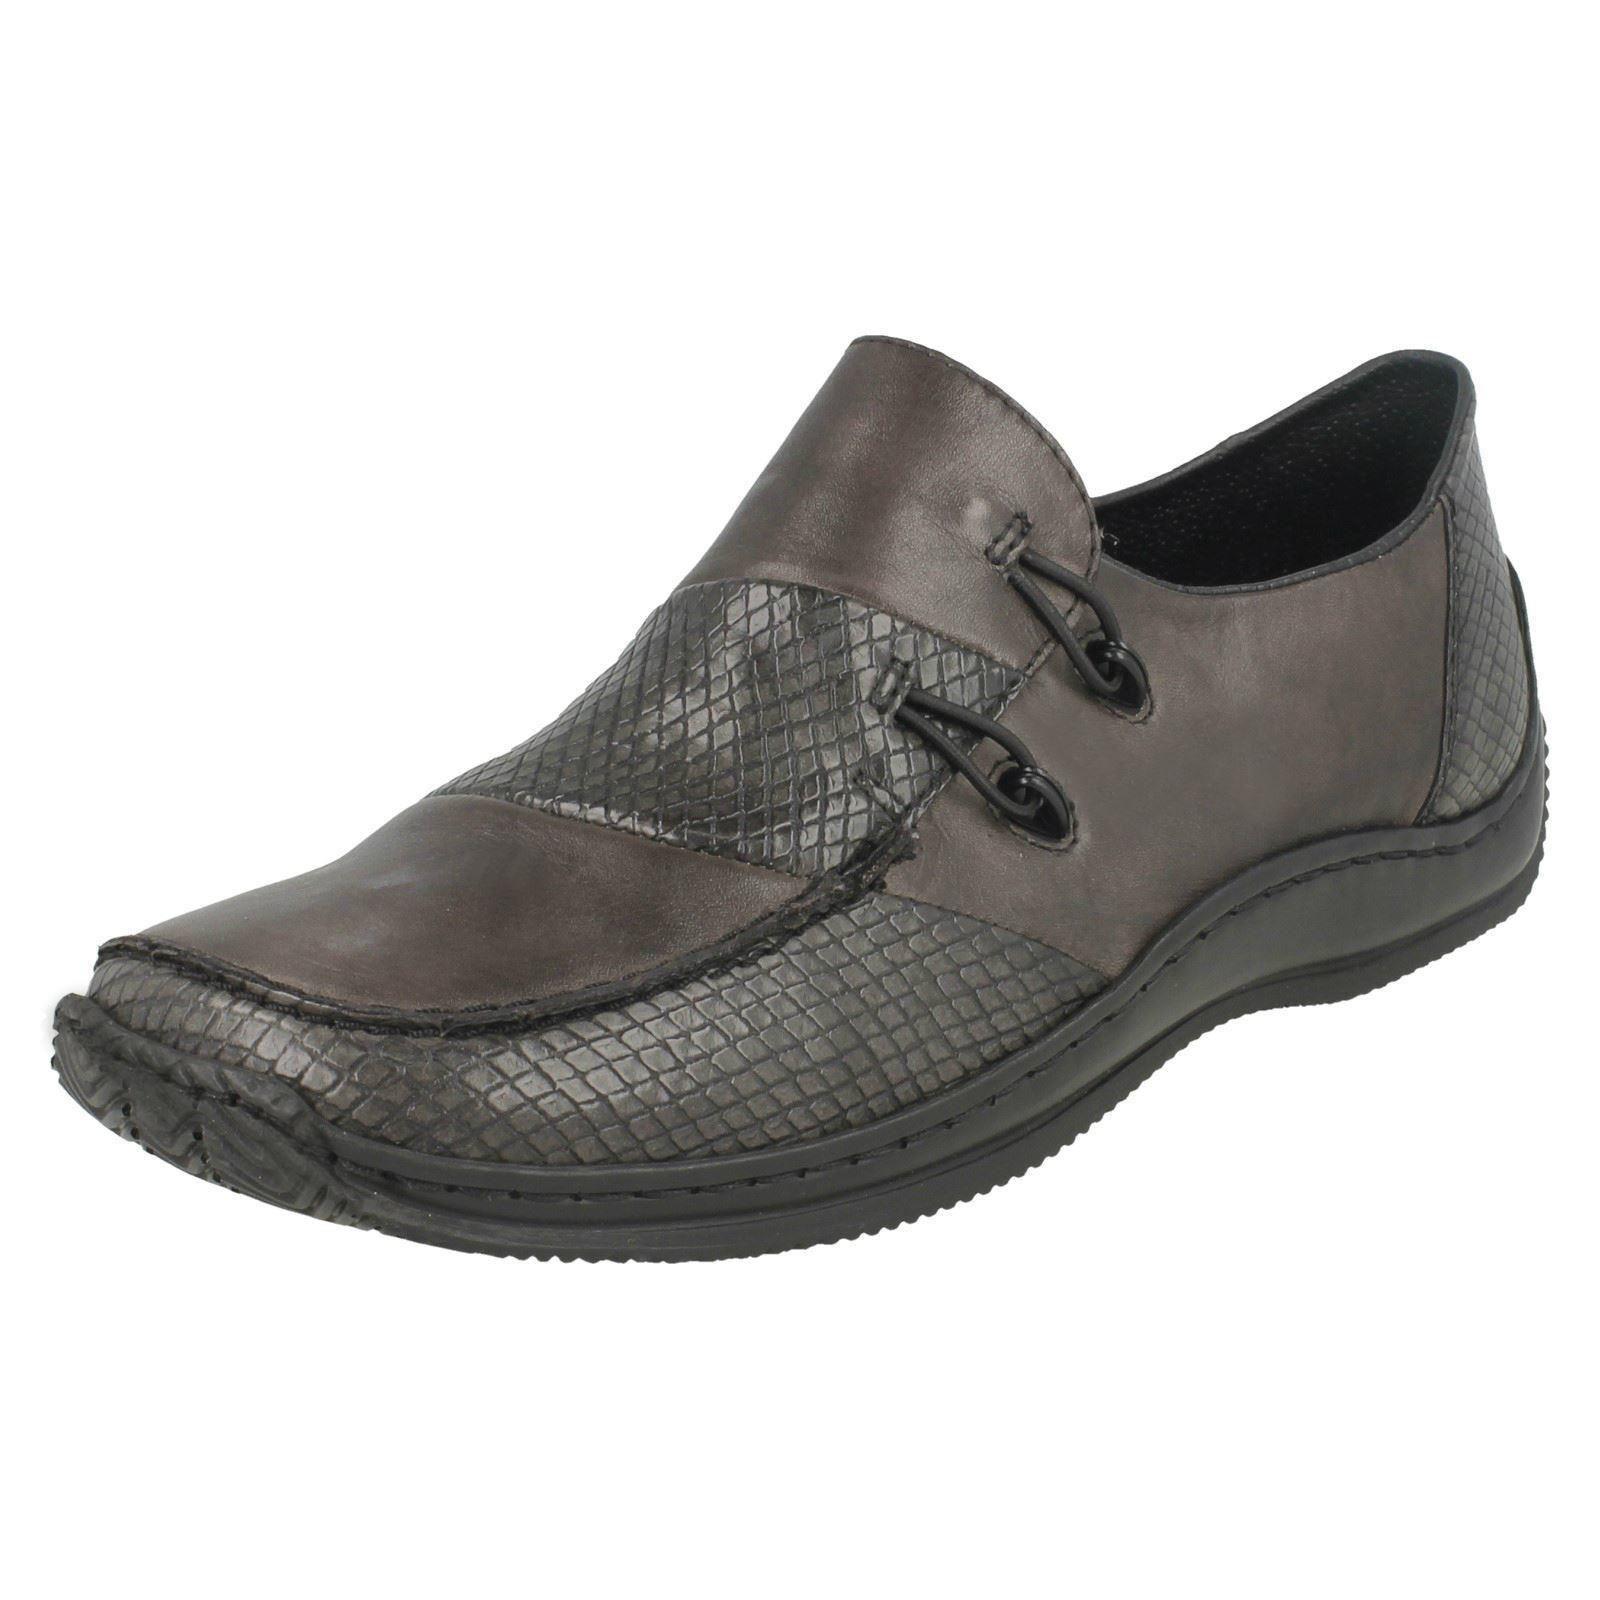 Détails sur Femmes Rieker Cuir Anti Stress Plat Chaussures L1762